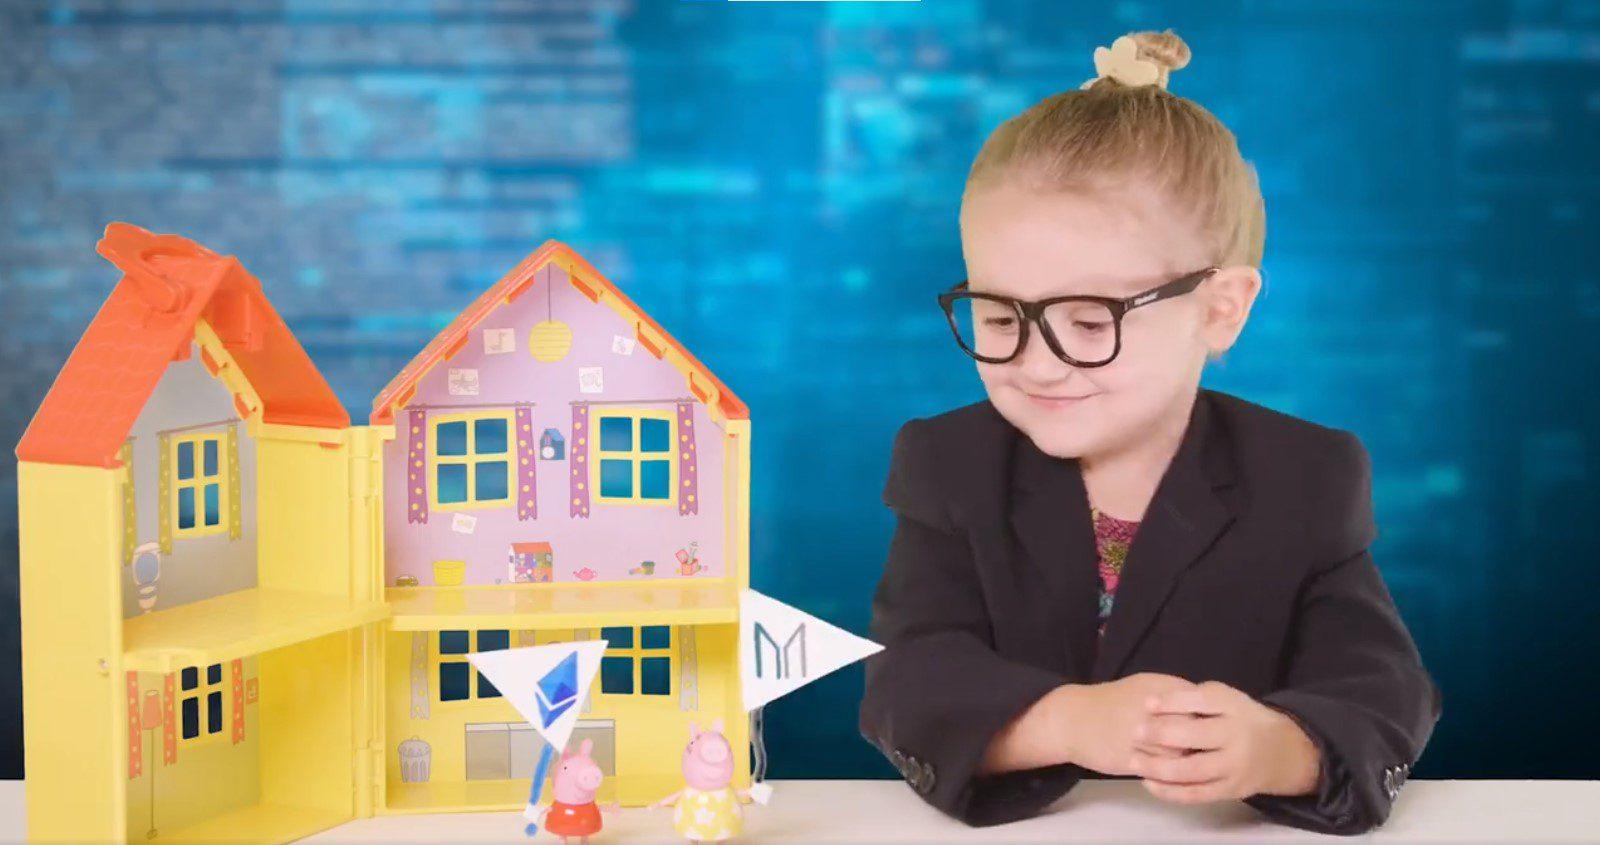 Lily Knight, la niña de 3 años que educa sobre Bitcoin, también explica Ethereum